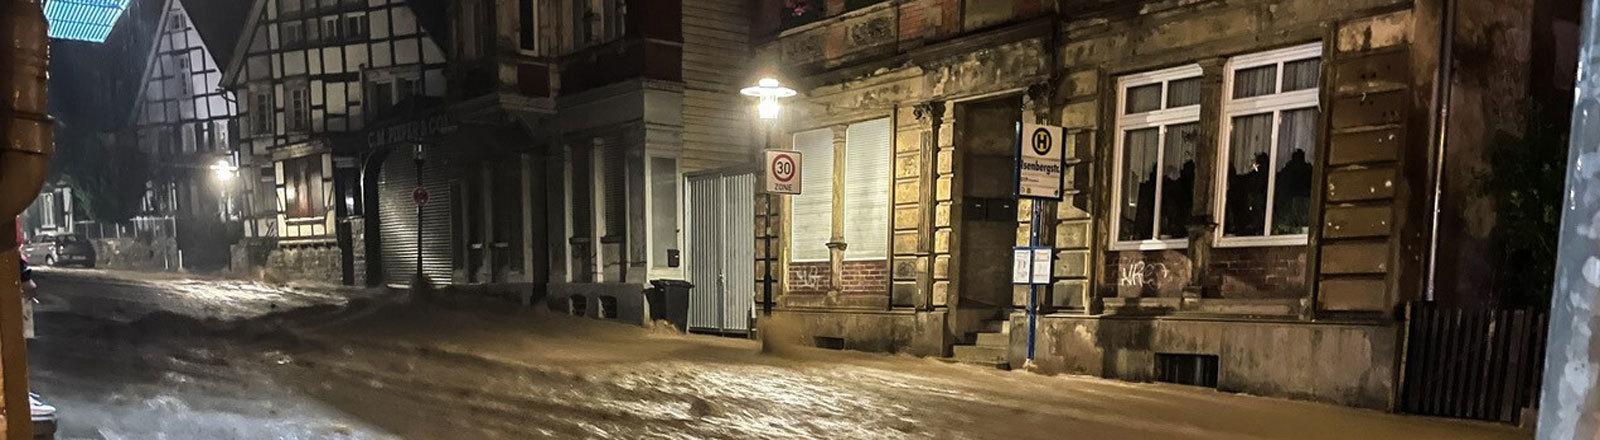 Wasser fließt eine Straße hinunter. Hagen beim Hochwasser am 14.07.2021.